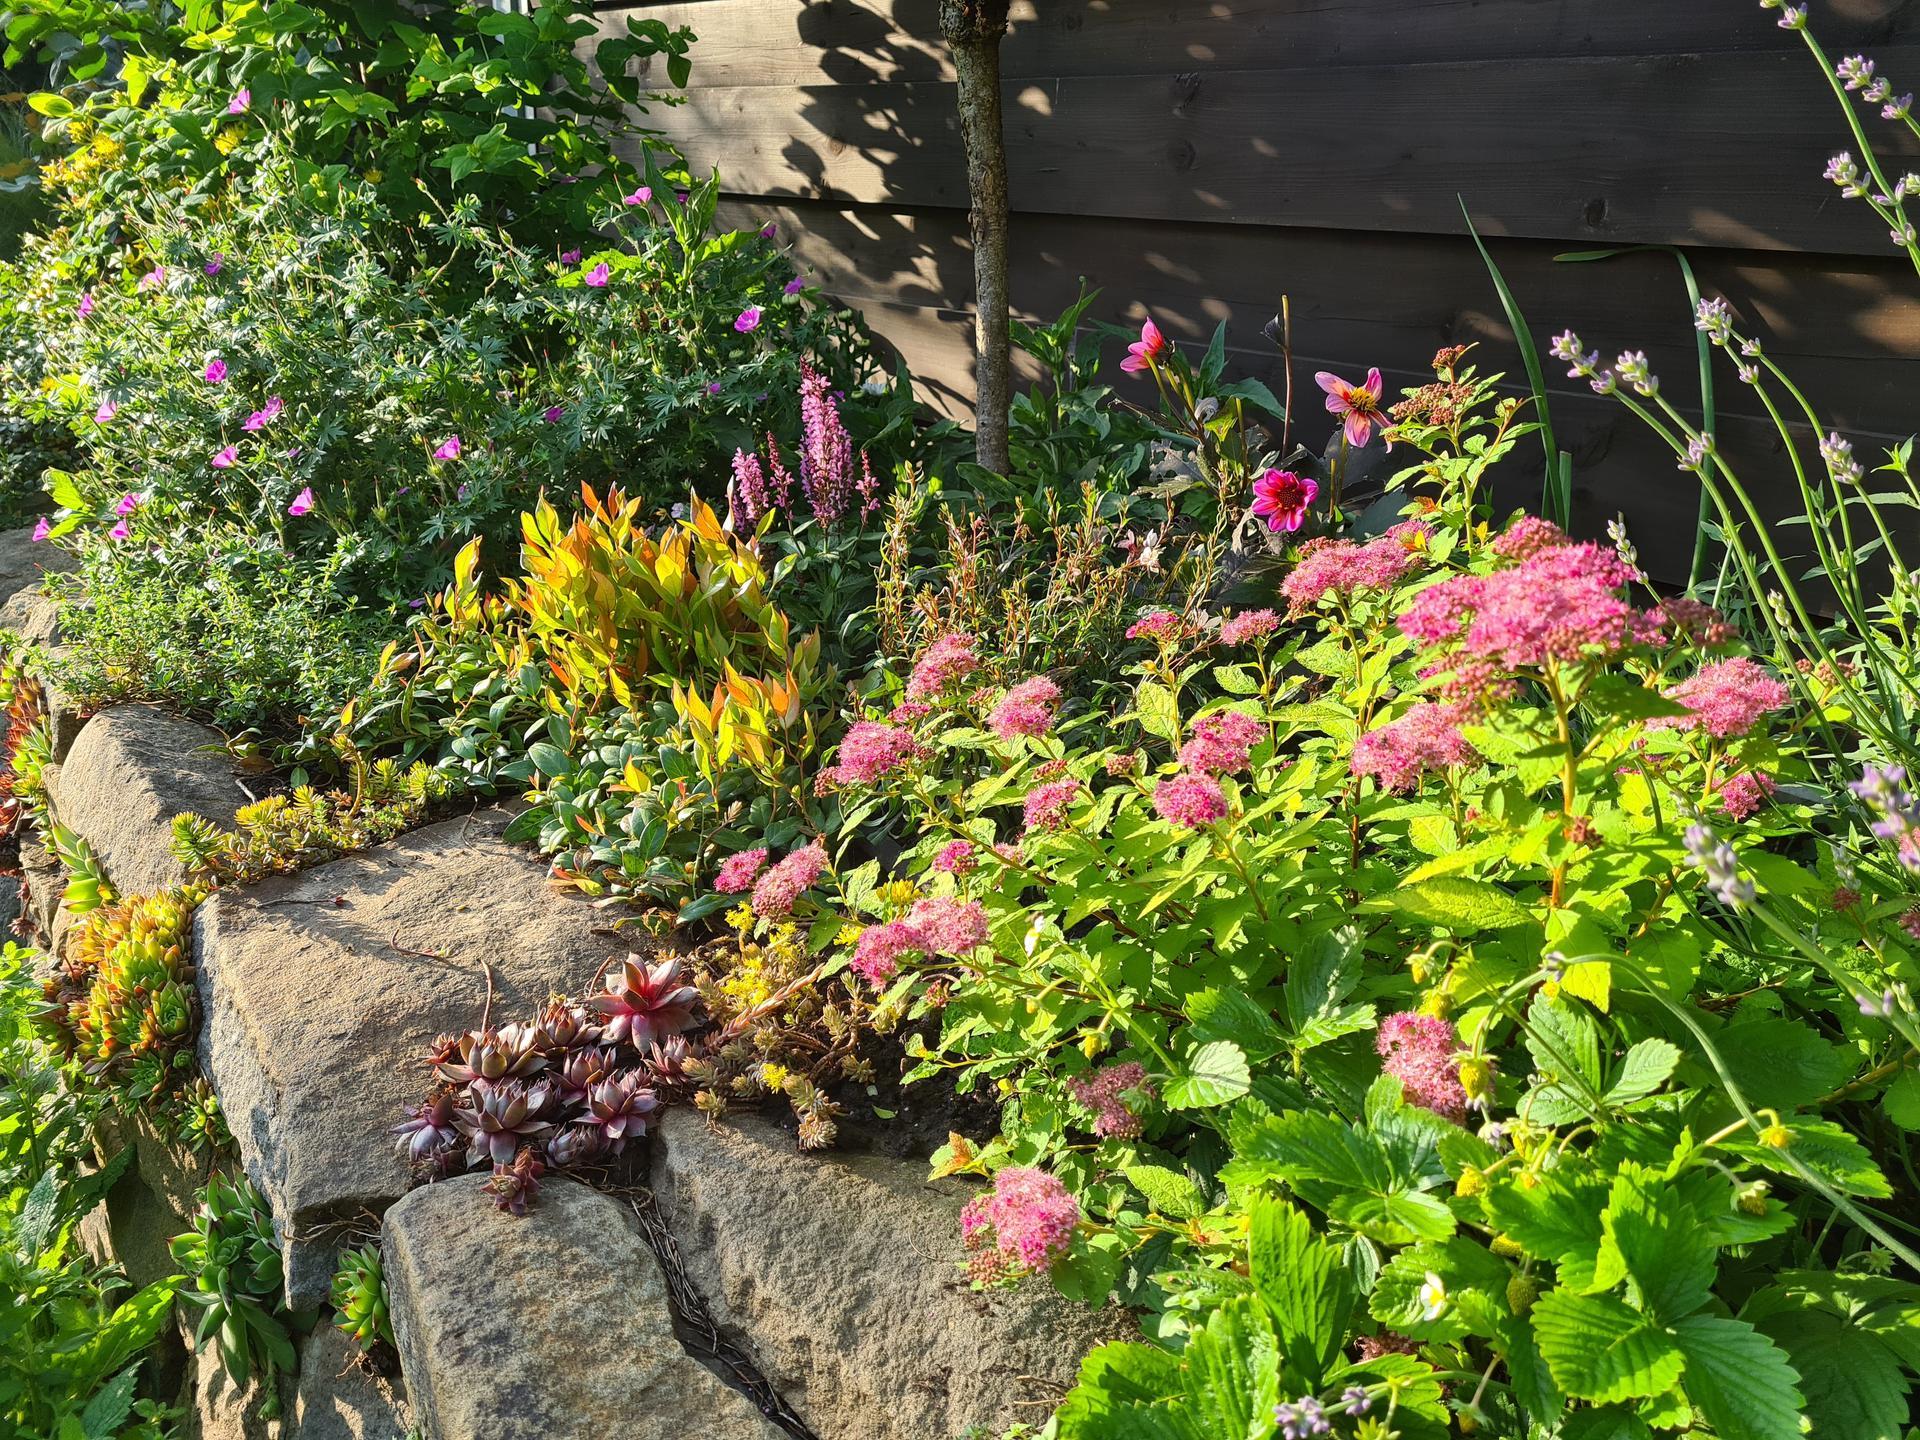 Naša záhradka 2021 - Vykvitol tavolnik a paradu robj aj nova stalezelena rastlinka s cervenymi vrskami...